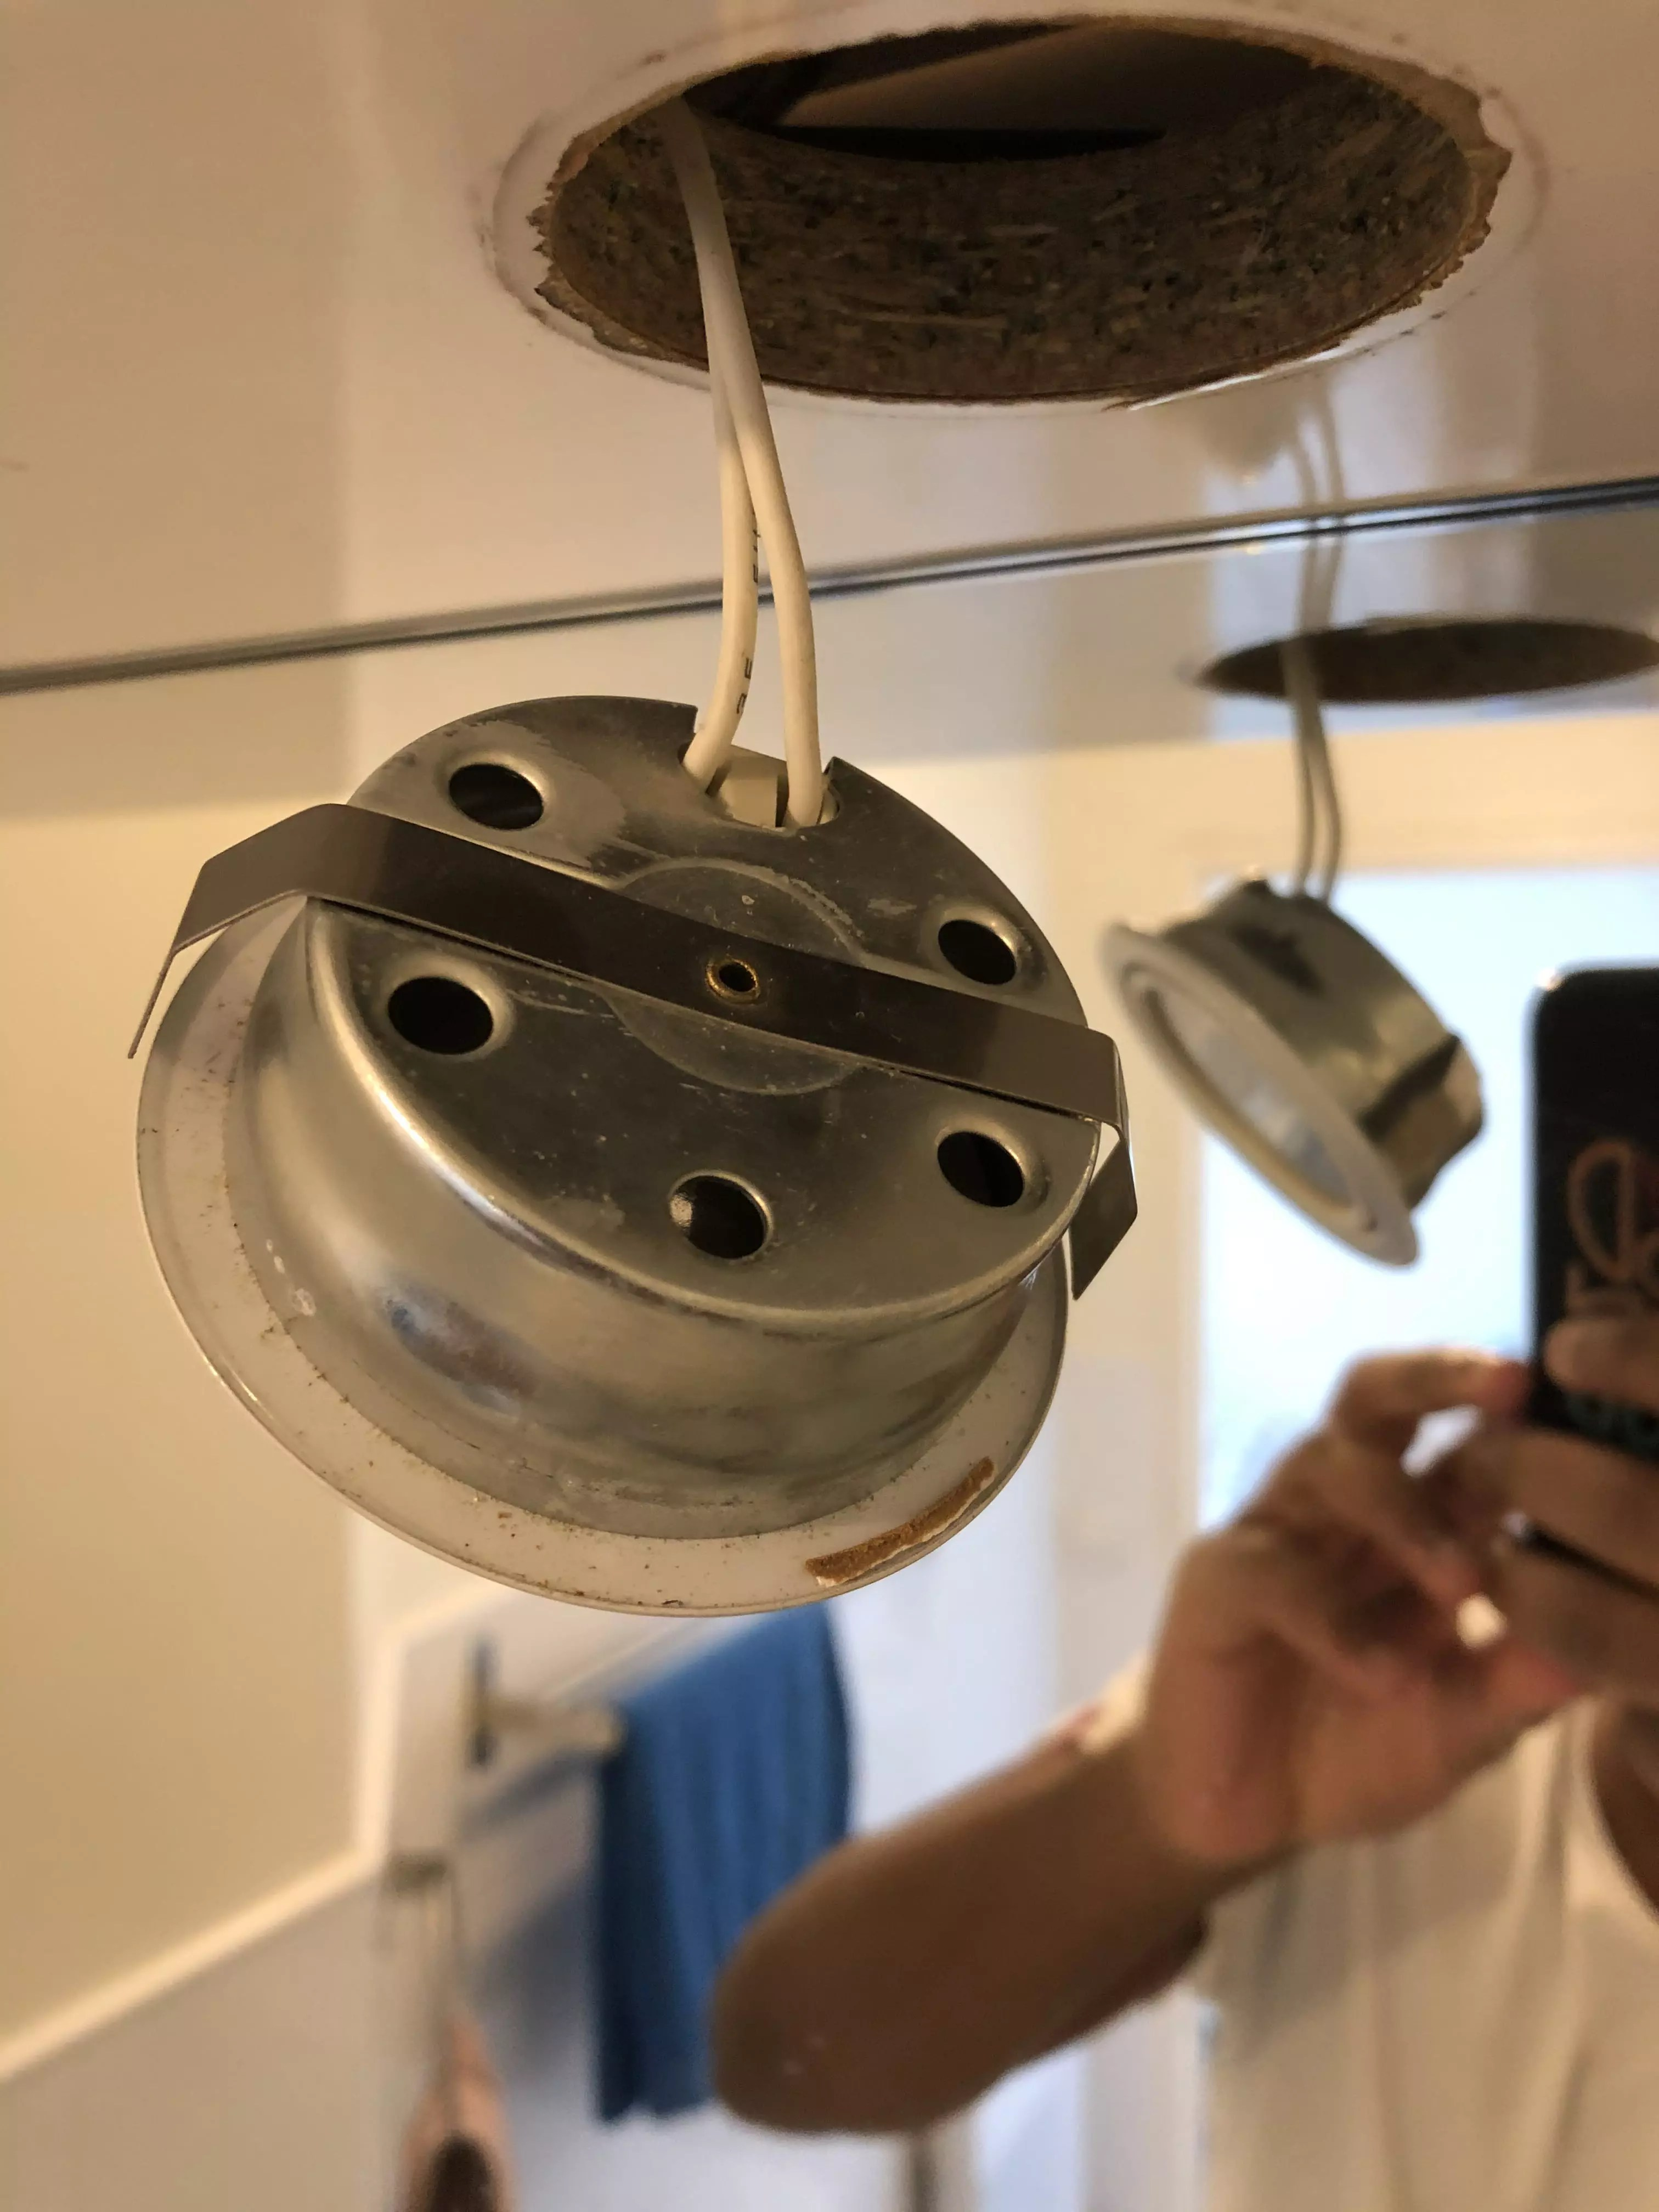 changer ampoule spot led salle de bain